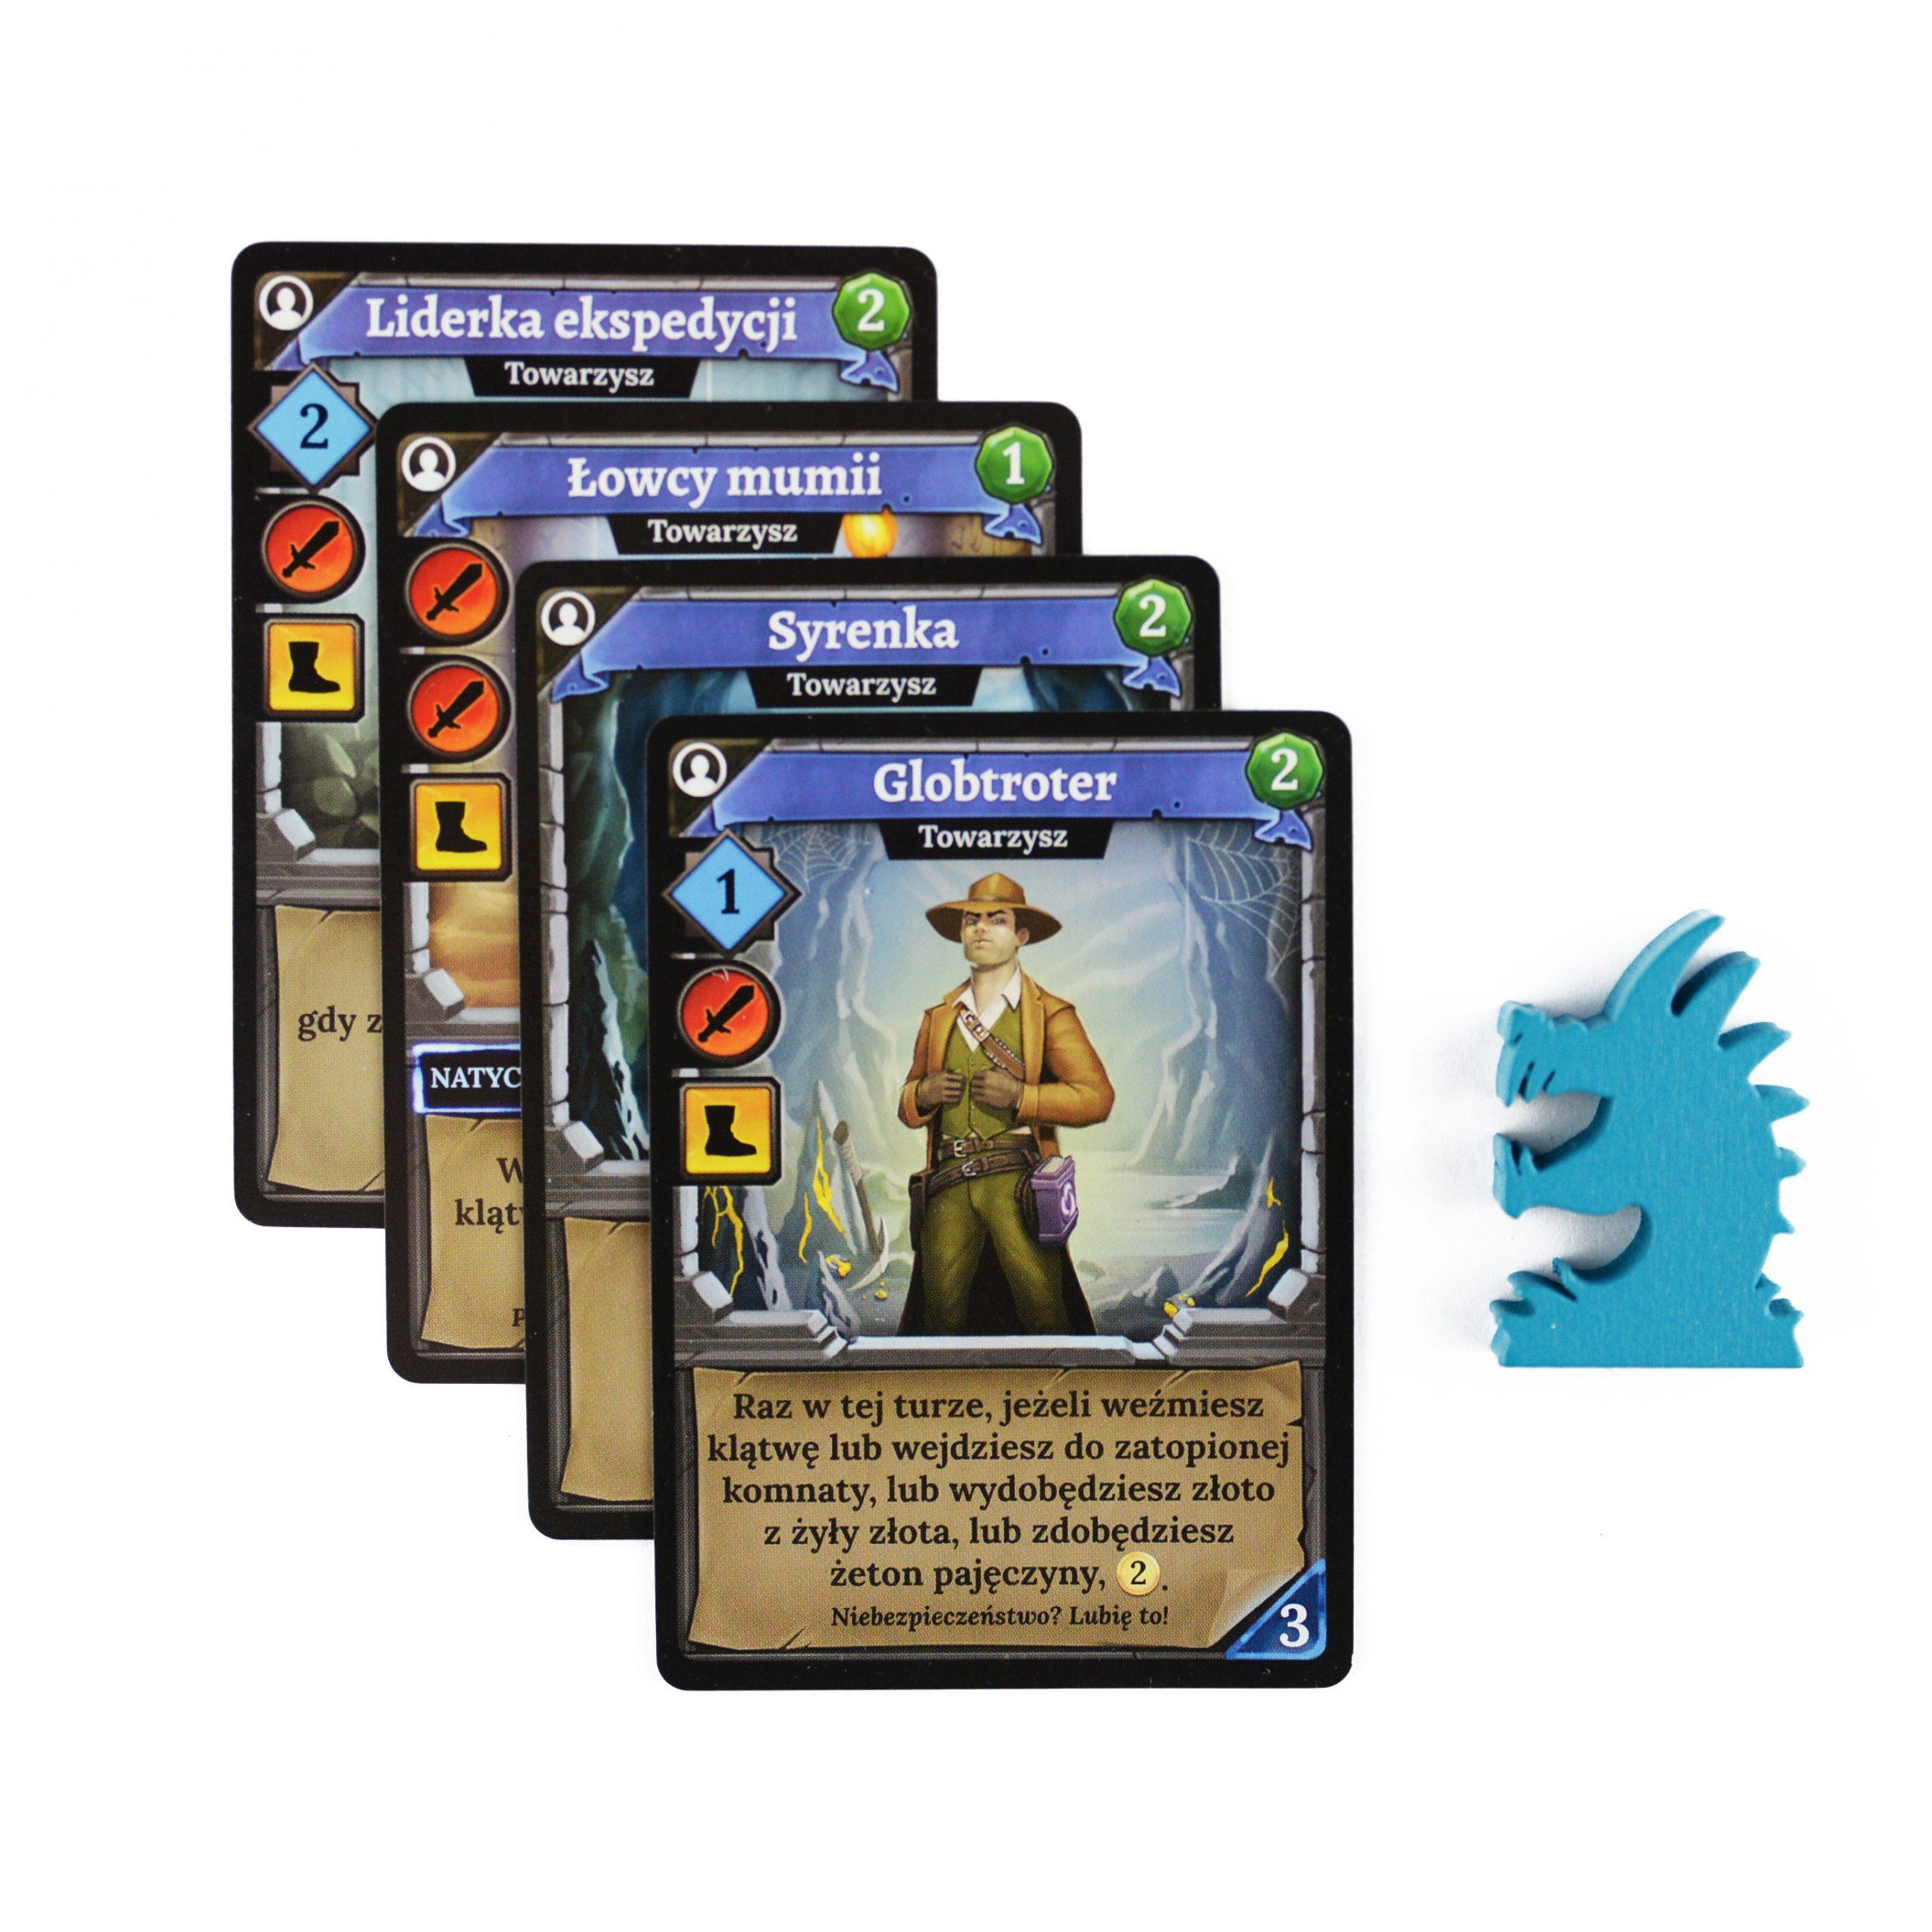 Brzdęk  Zestaw kart promocyjnych  Minidodatek 2